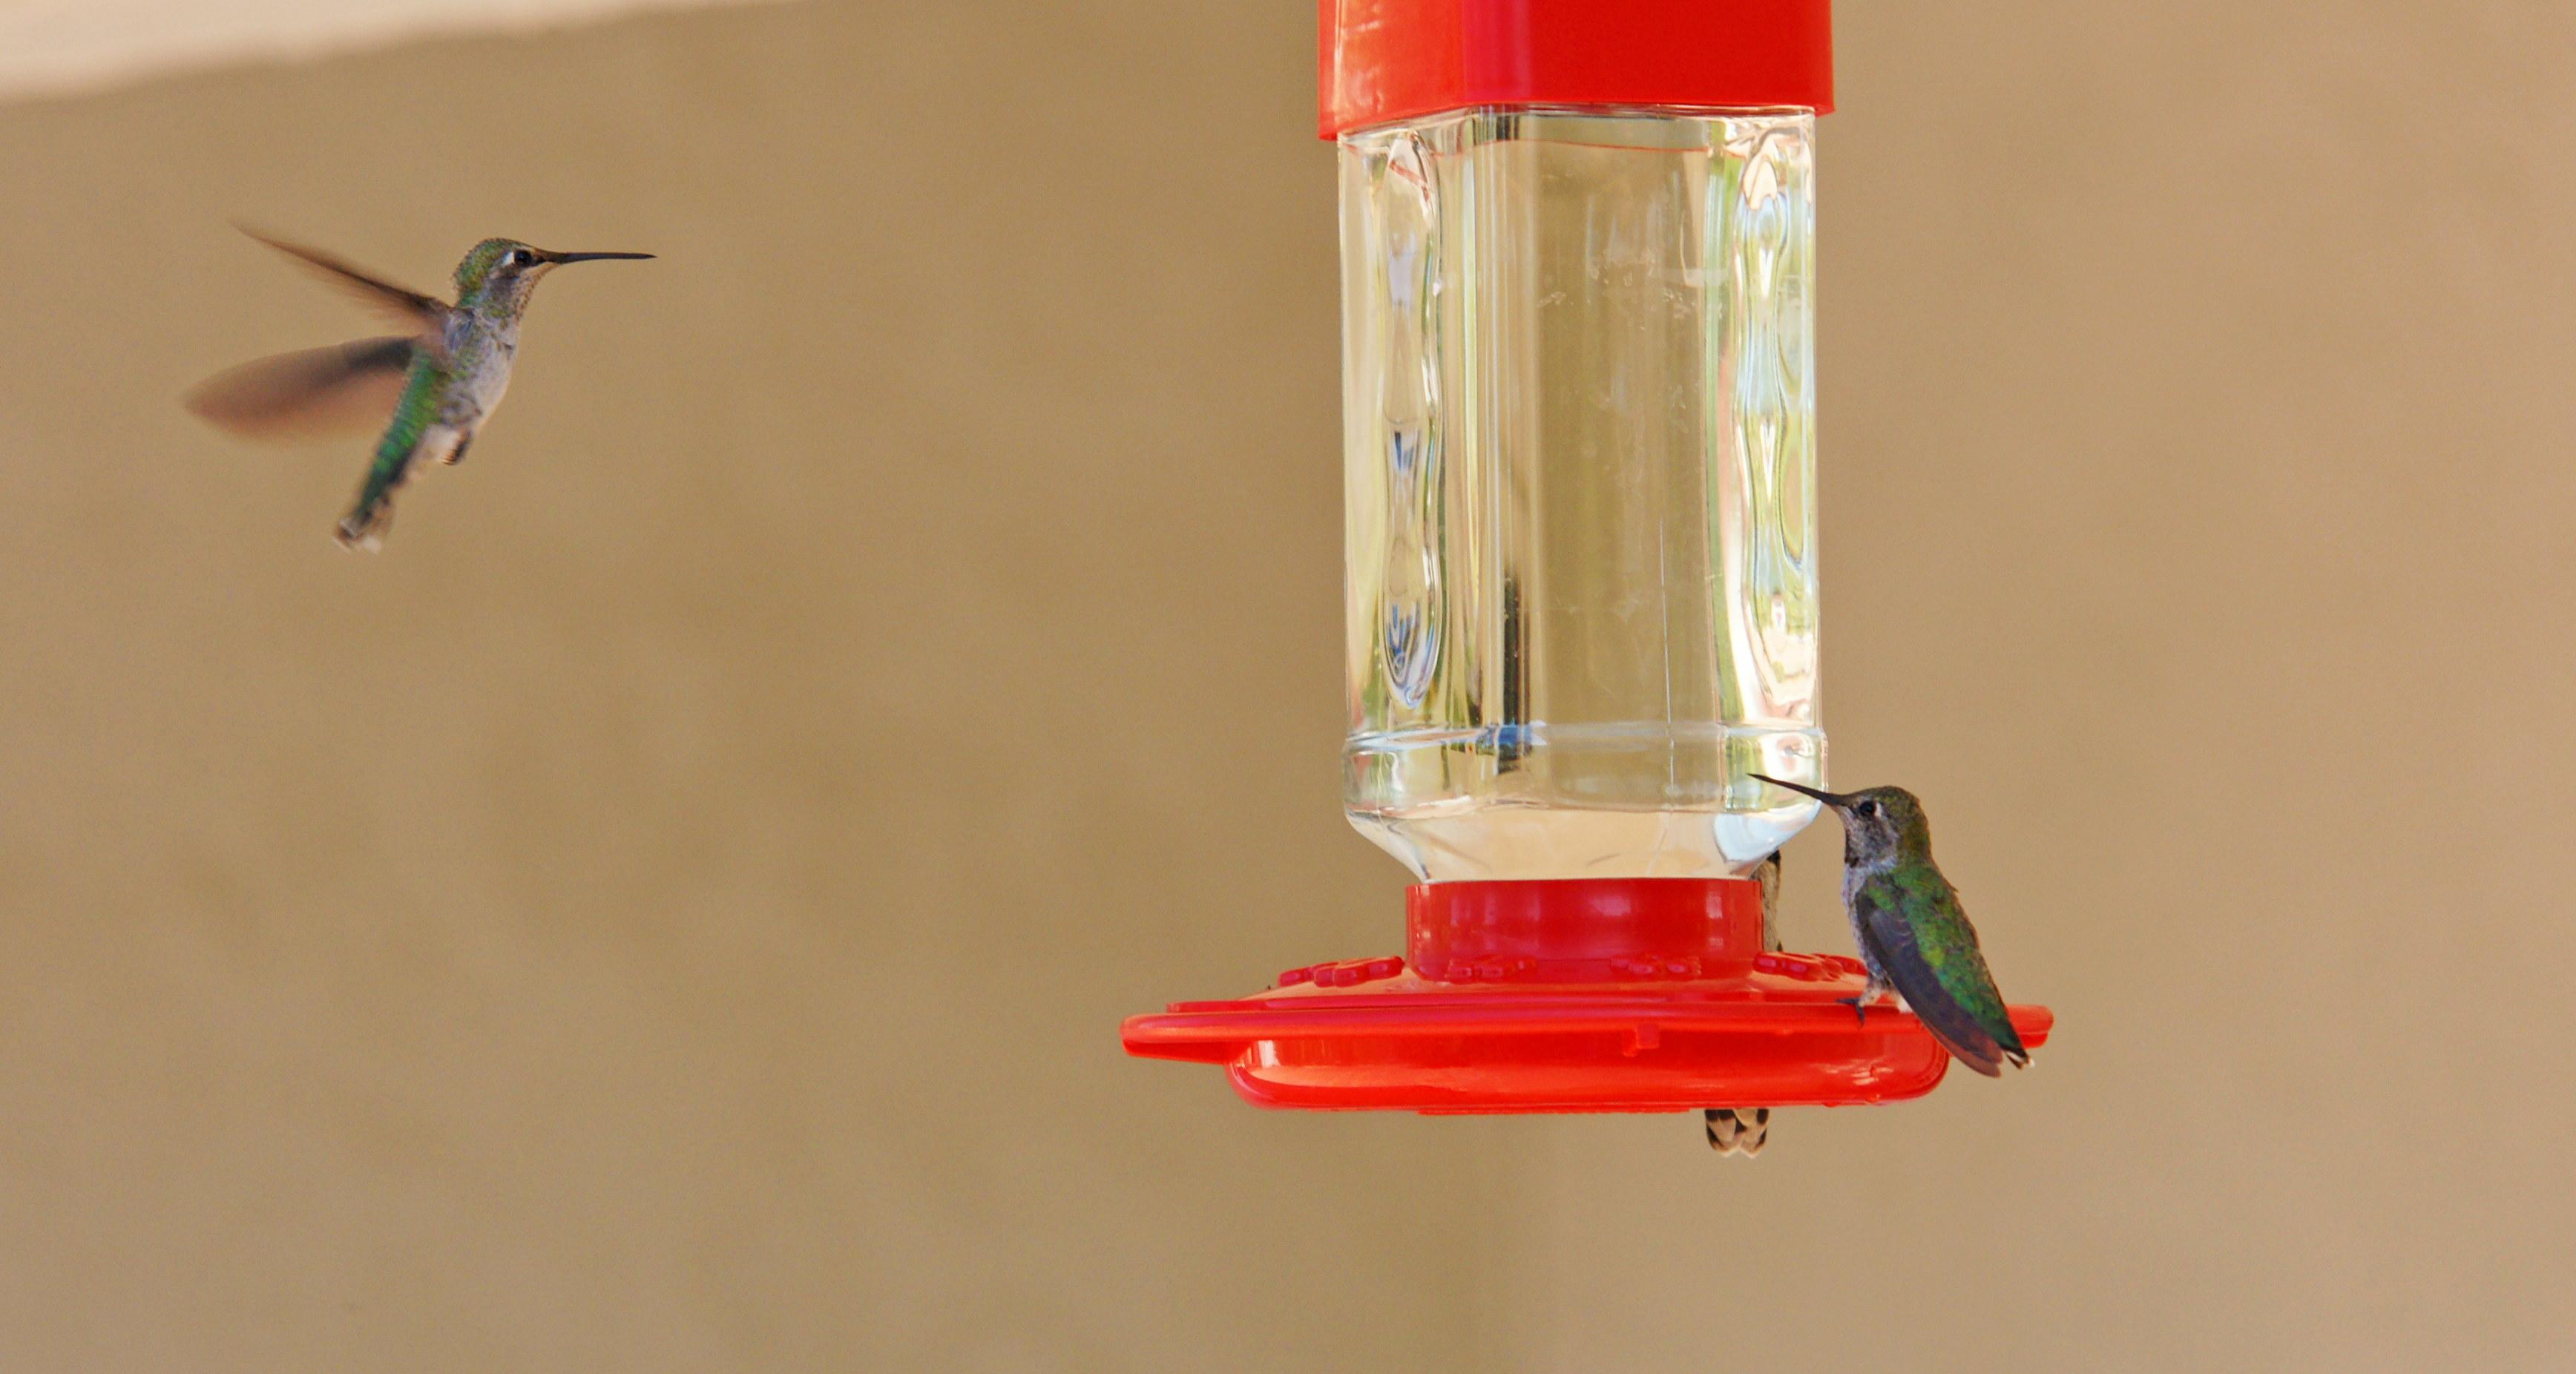 HummingbirdsGallery24